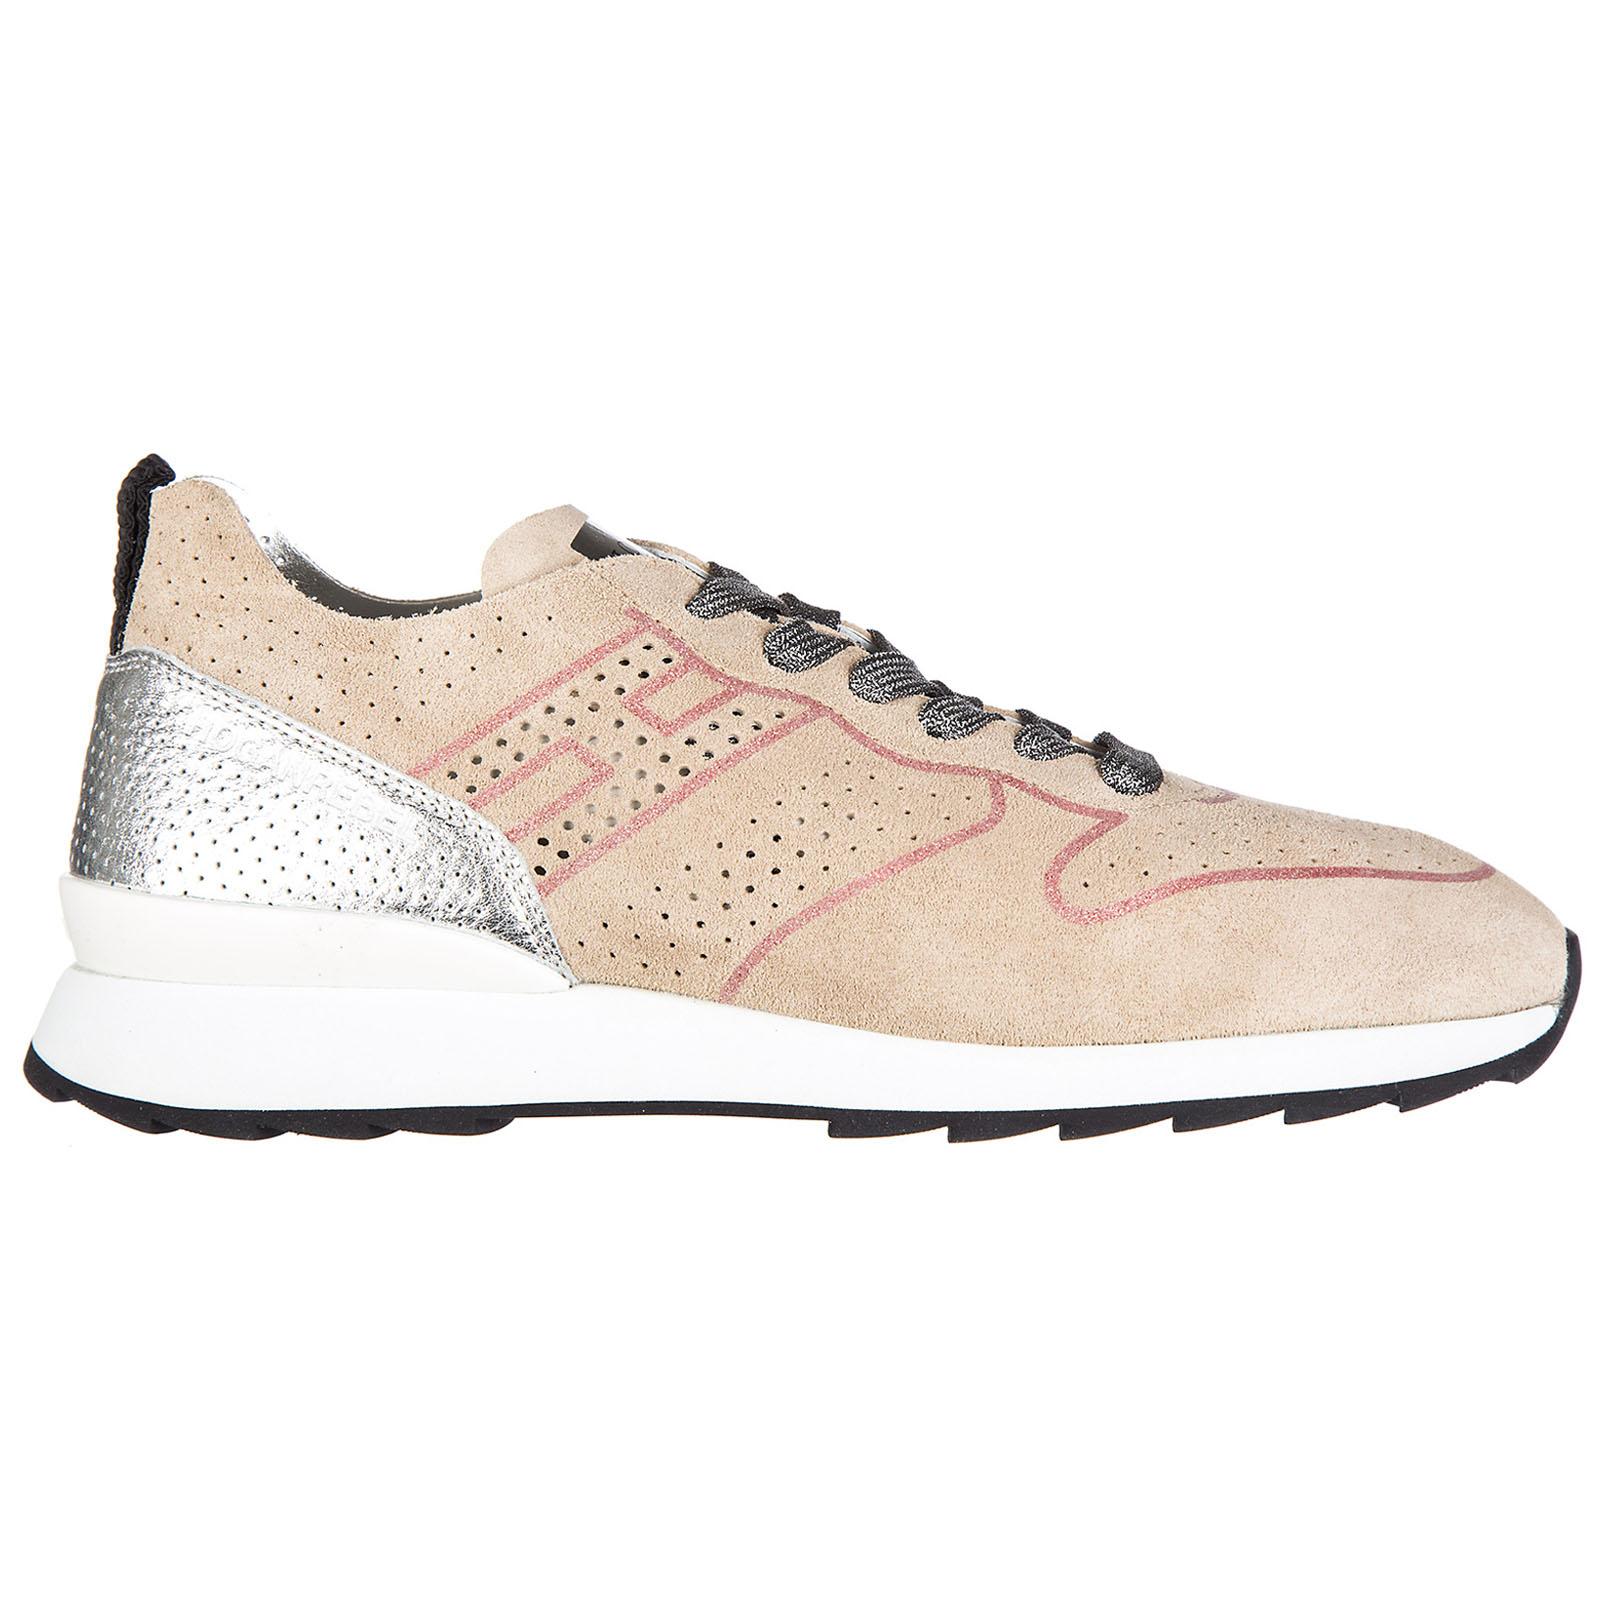 1734b9fb115 Chaussures baskets sneakers femme en daim r261 ...